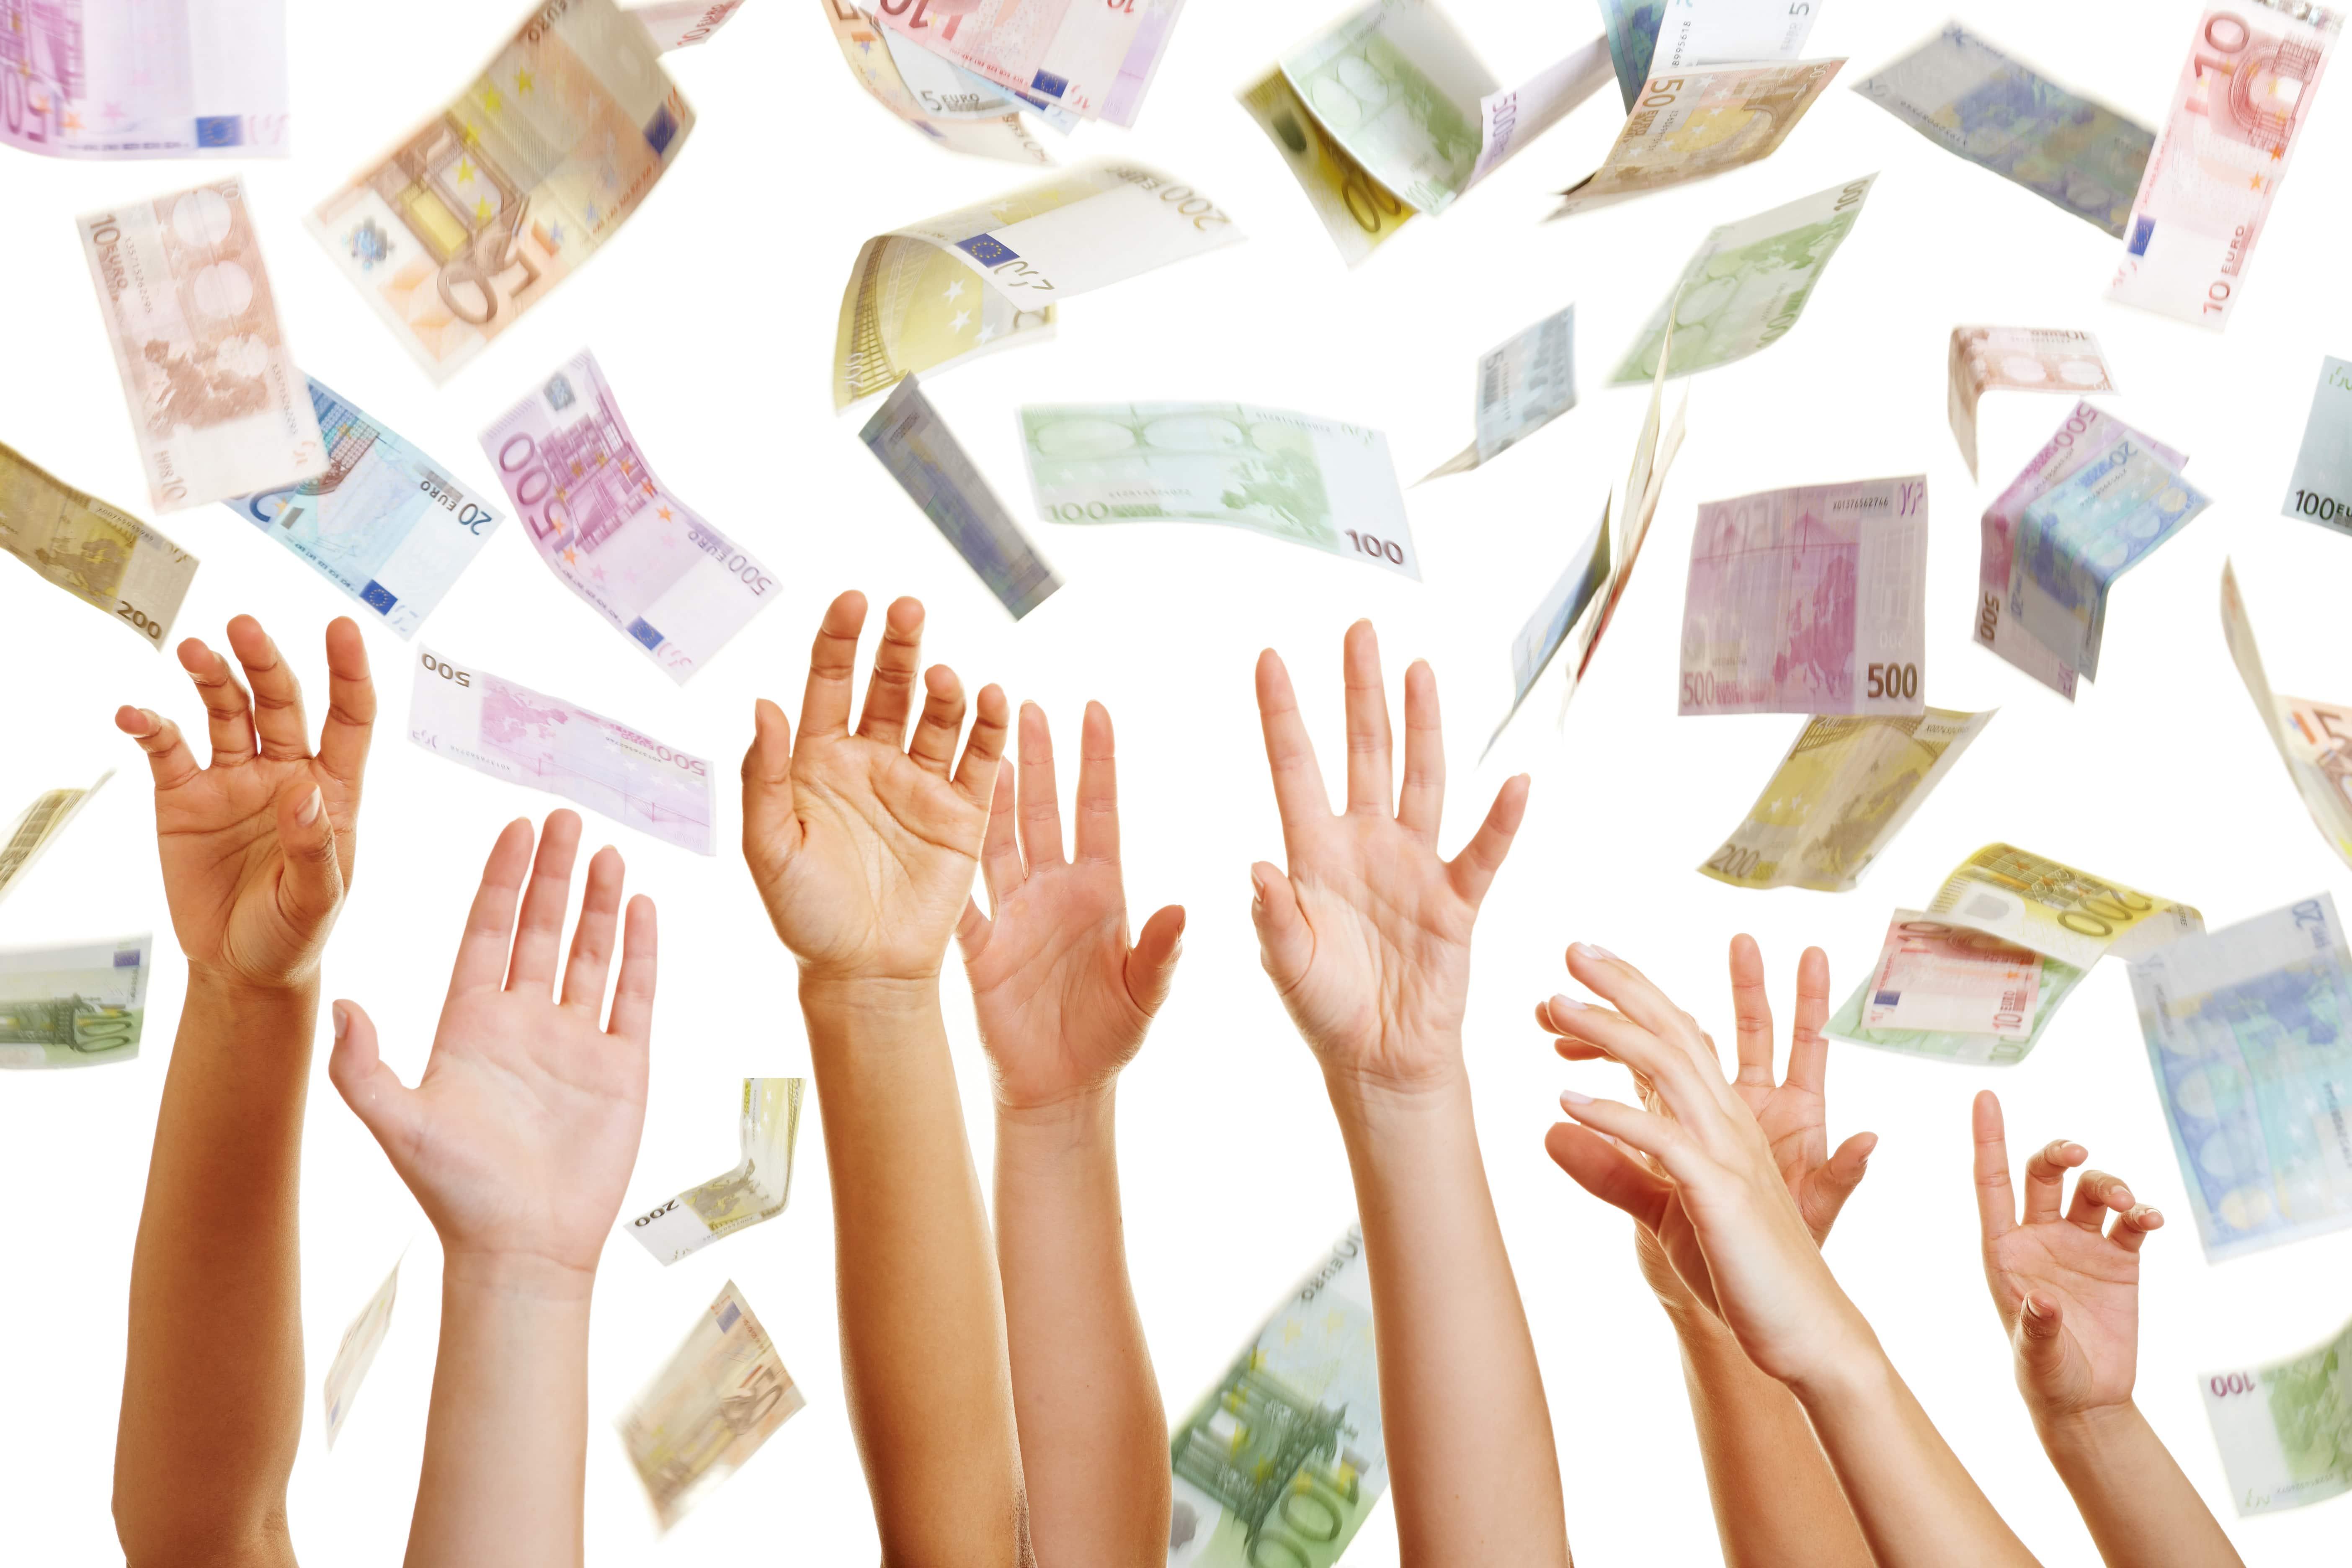 prestamistas en Castelldefels particulares y privados